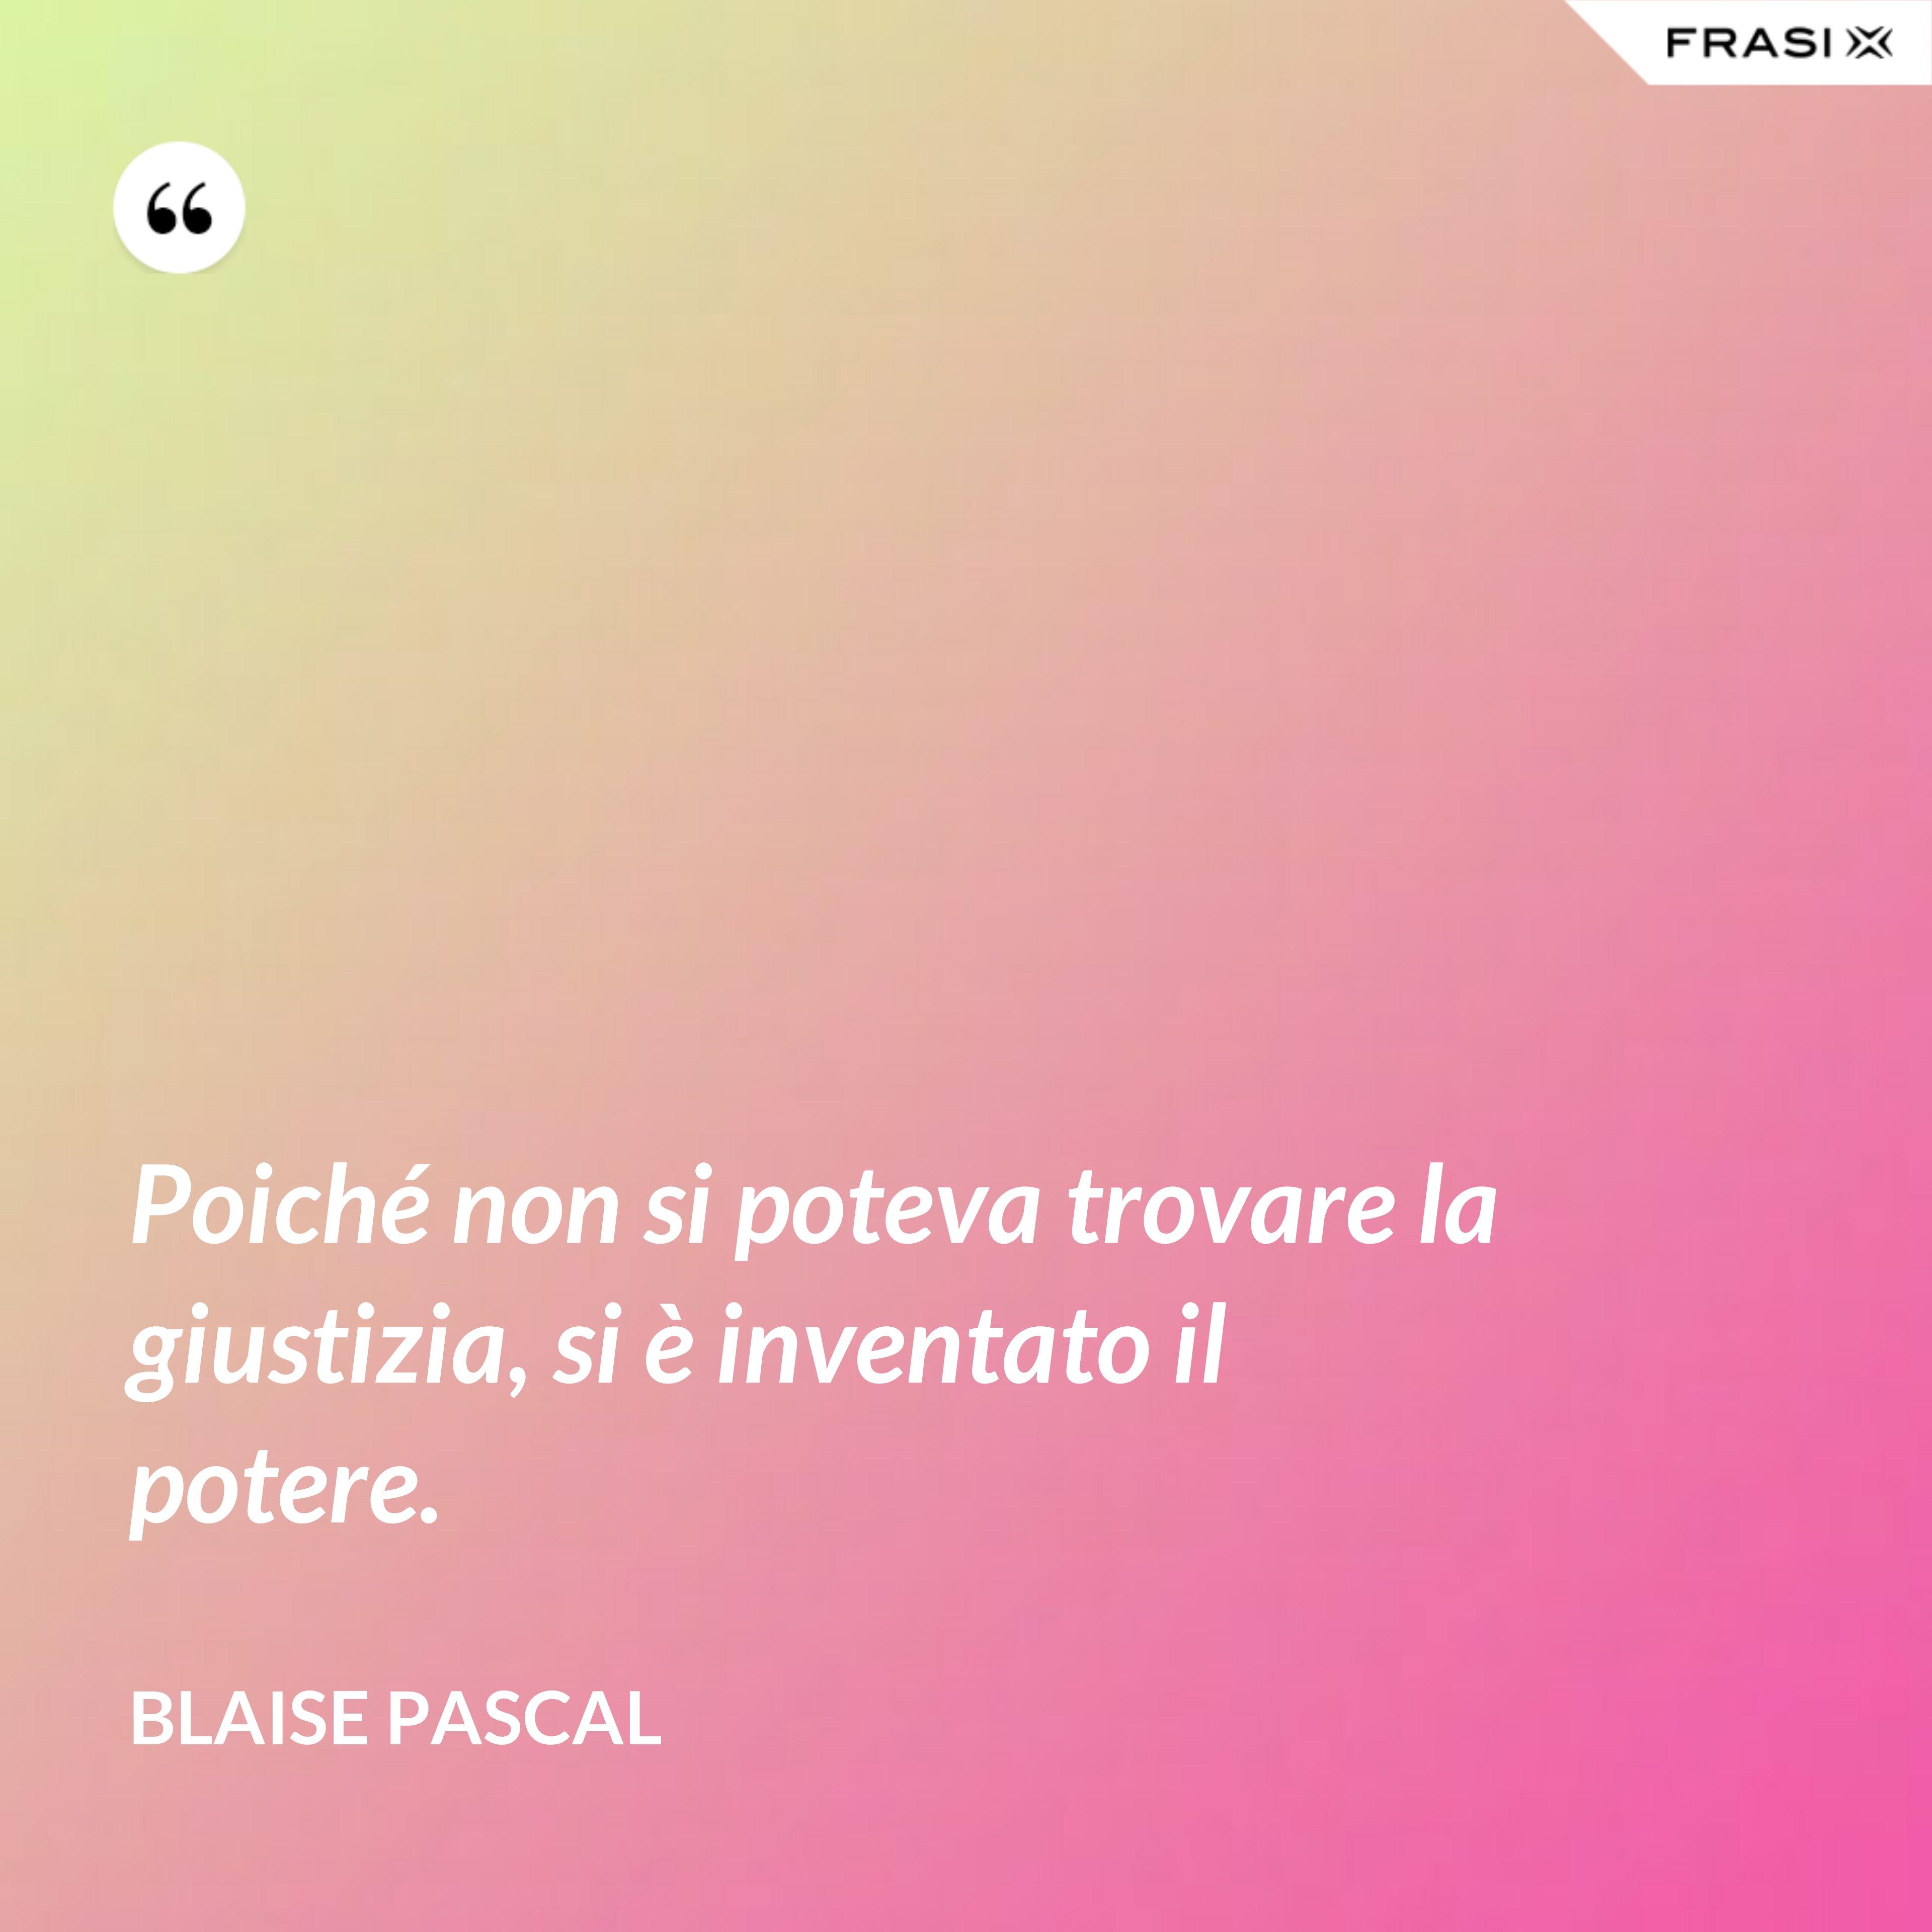 Poiché non si poteva trovare la giustizia, si è inventato il potere. - Blaise Pascal